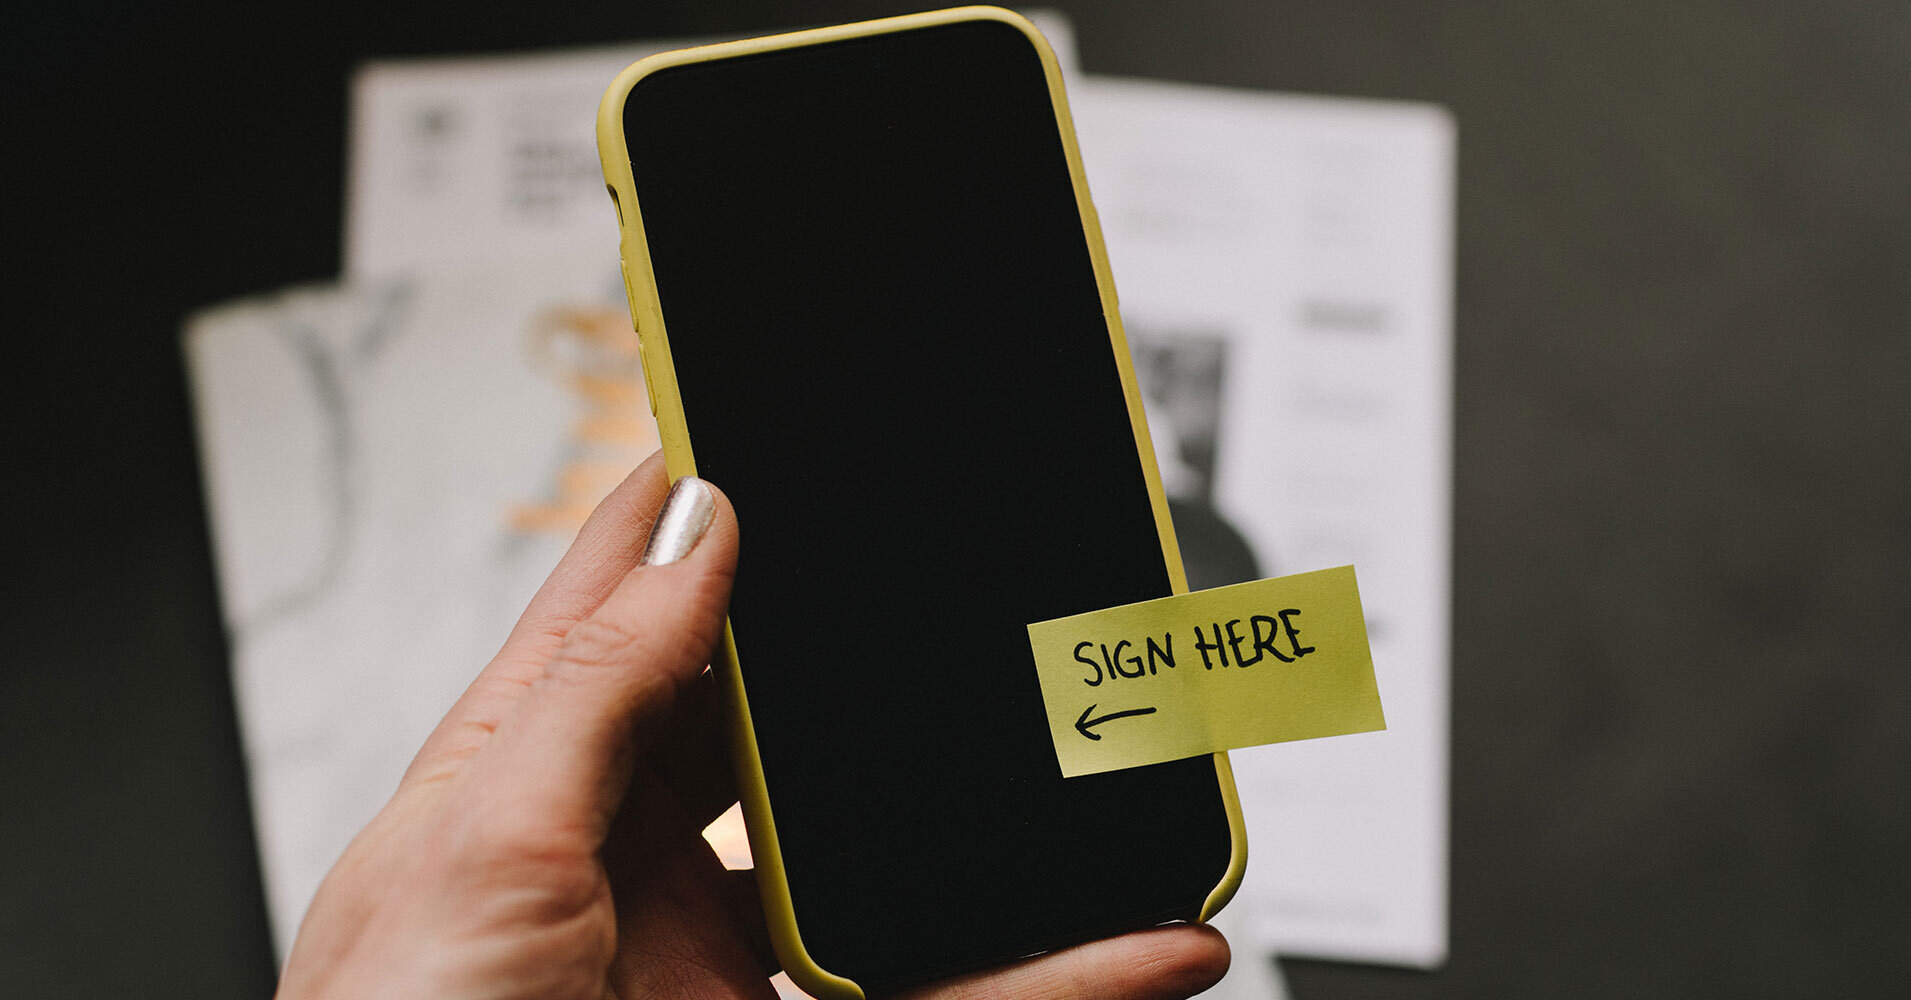 Online Petitionen und Sensibilisierungskampagnen - Eine Petition kann viel mehr sein, als eine pure Unterschriftensammlung. Es geht hierbei auch um Kampagnenarbeit, Sichtbarkeit und Sensibilisierung. Wir helfen Ihnen mehr Unterschriften zu sammeln und setzen die Online Petition so um, dass Sie die volle Datenkontrolle behalten (vs. online Petitions-Tools).